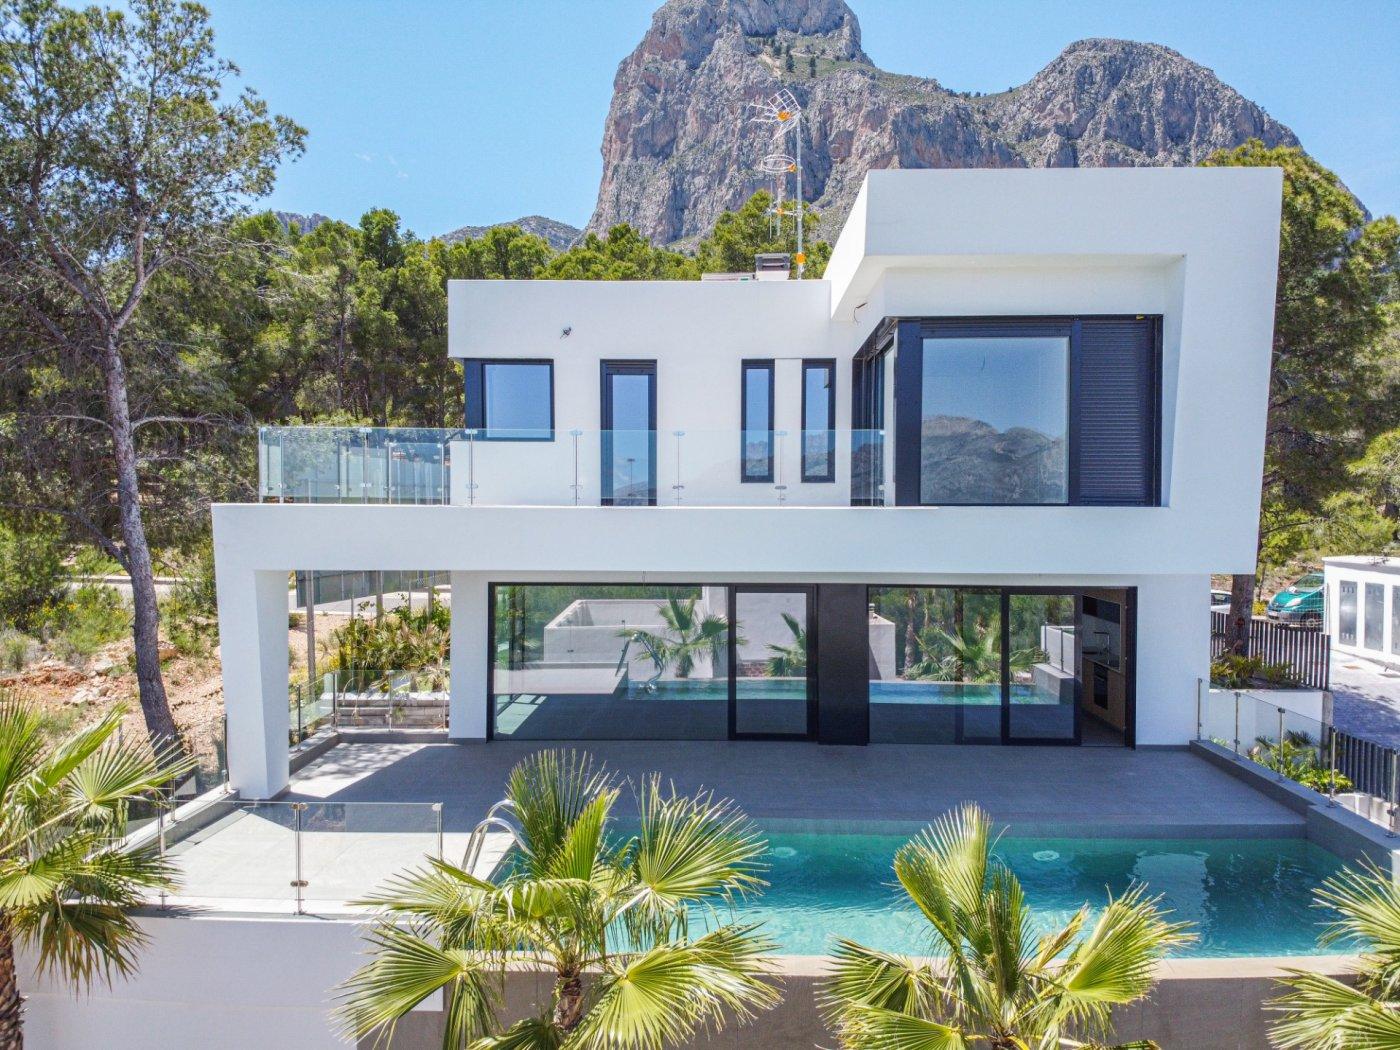 Inmobiliaria en Altea - Propiedades en venta Altea - villa - polop